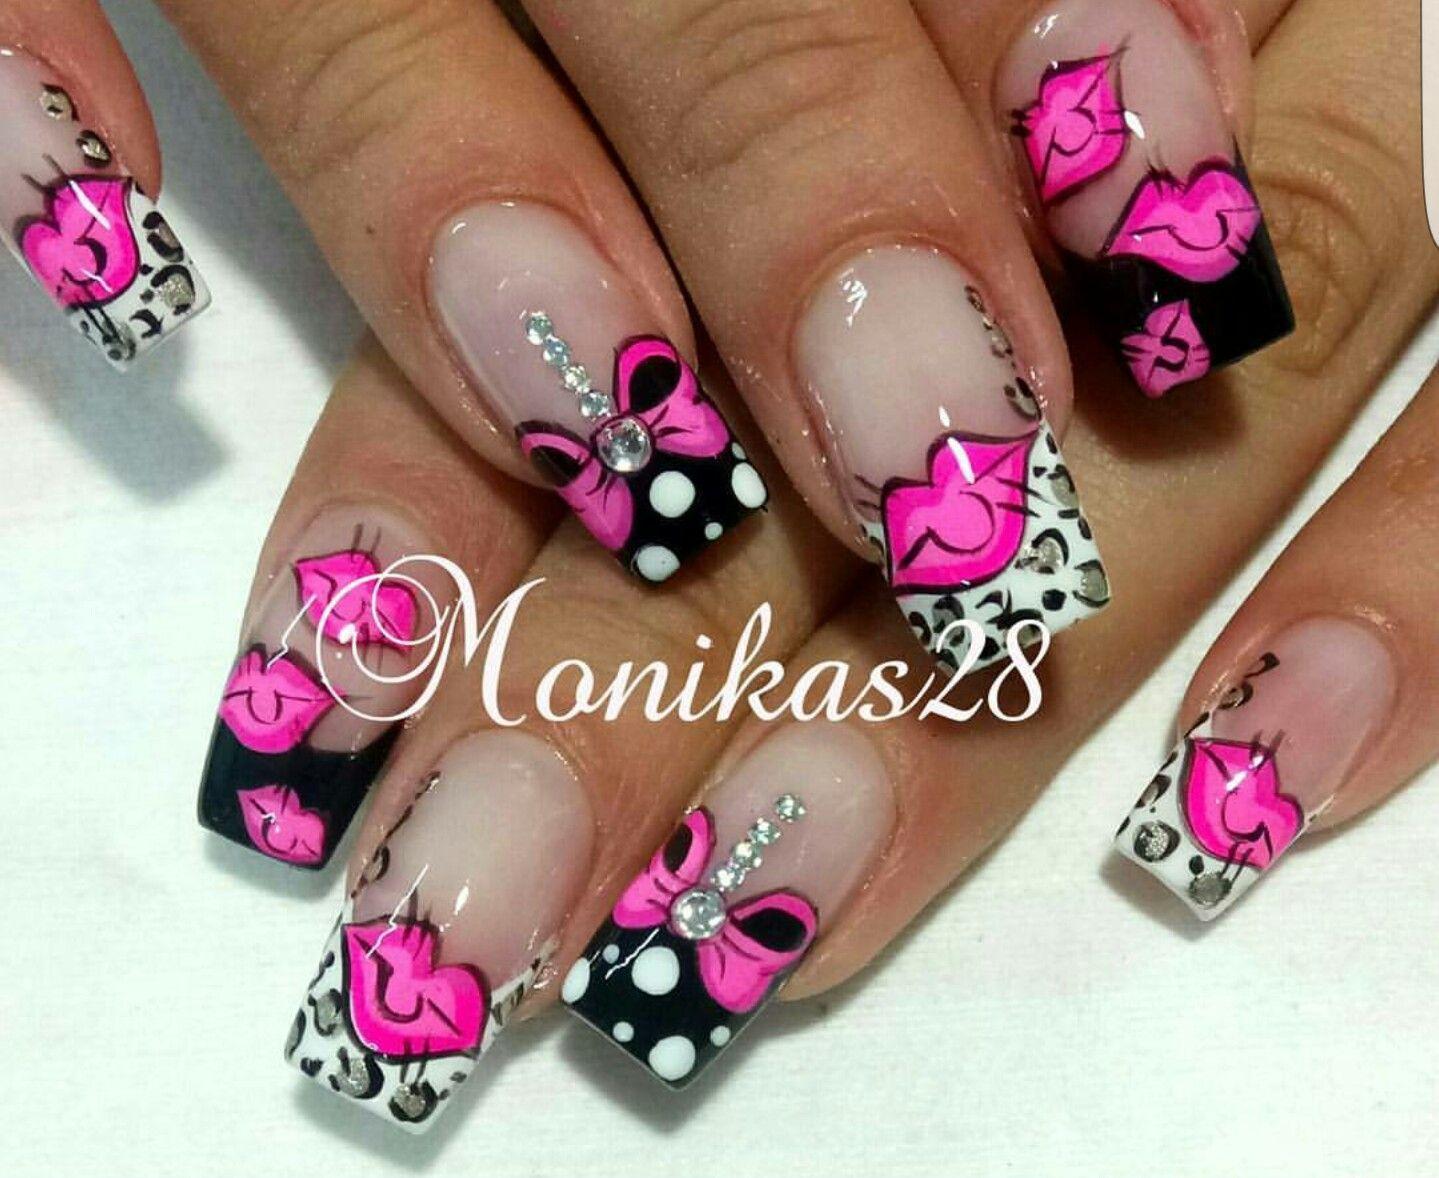 Pin de Letty Rivas en Uñas   Pinterest   Diseños de uñas, Tips uñas ...